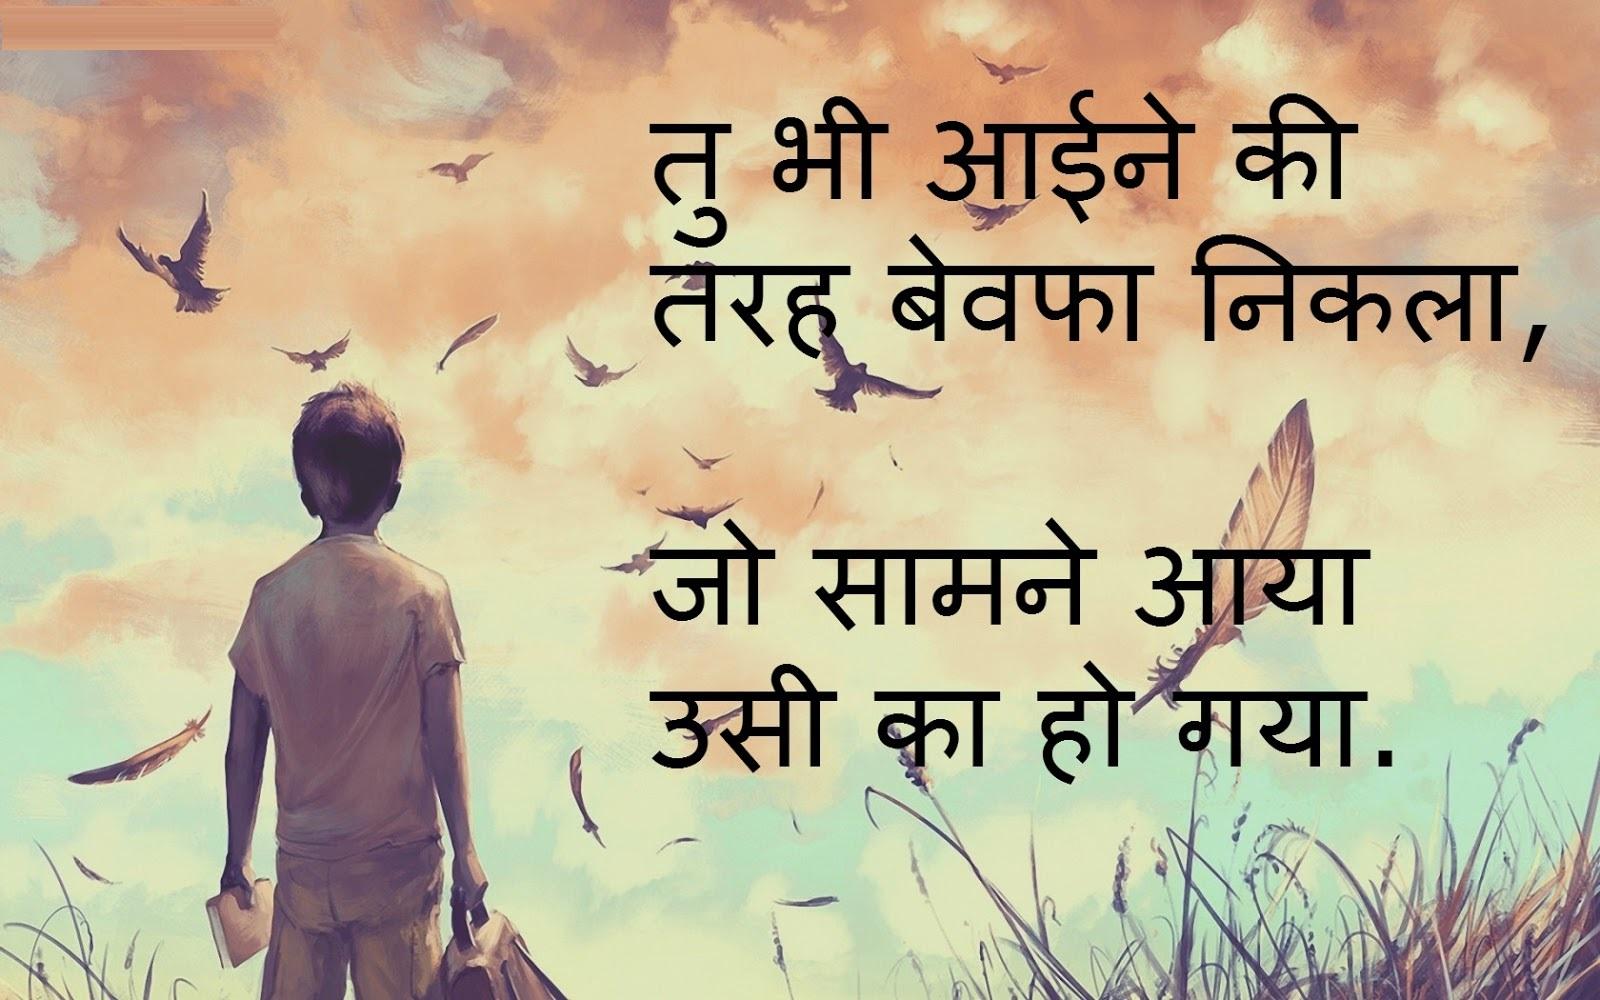 Cute Romantic Gf Bf Wallpaper Images Hi Images Shayari Dard Bhari Bewafa Shayari